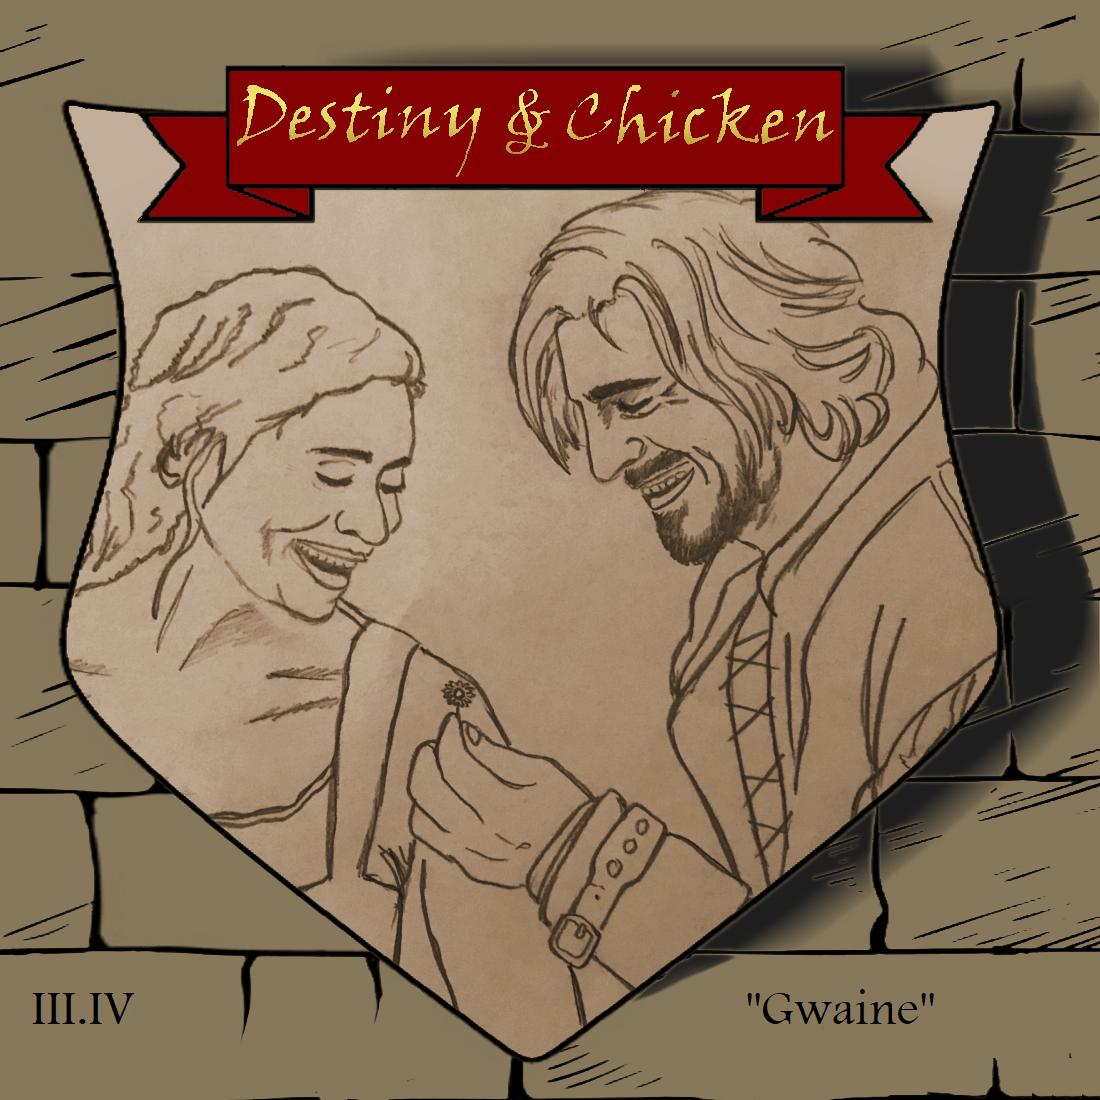 Episode III.IV - Gwaine